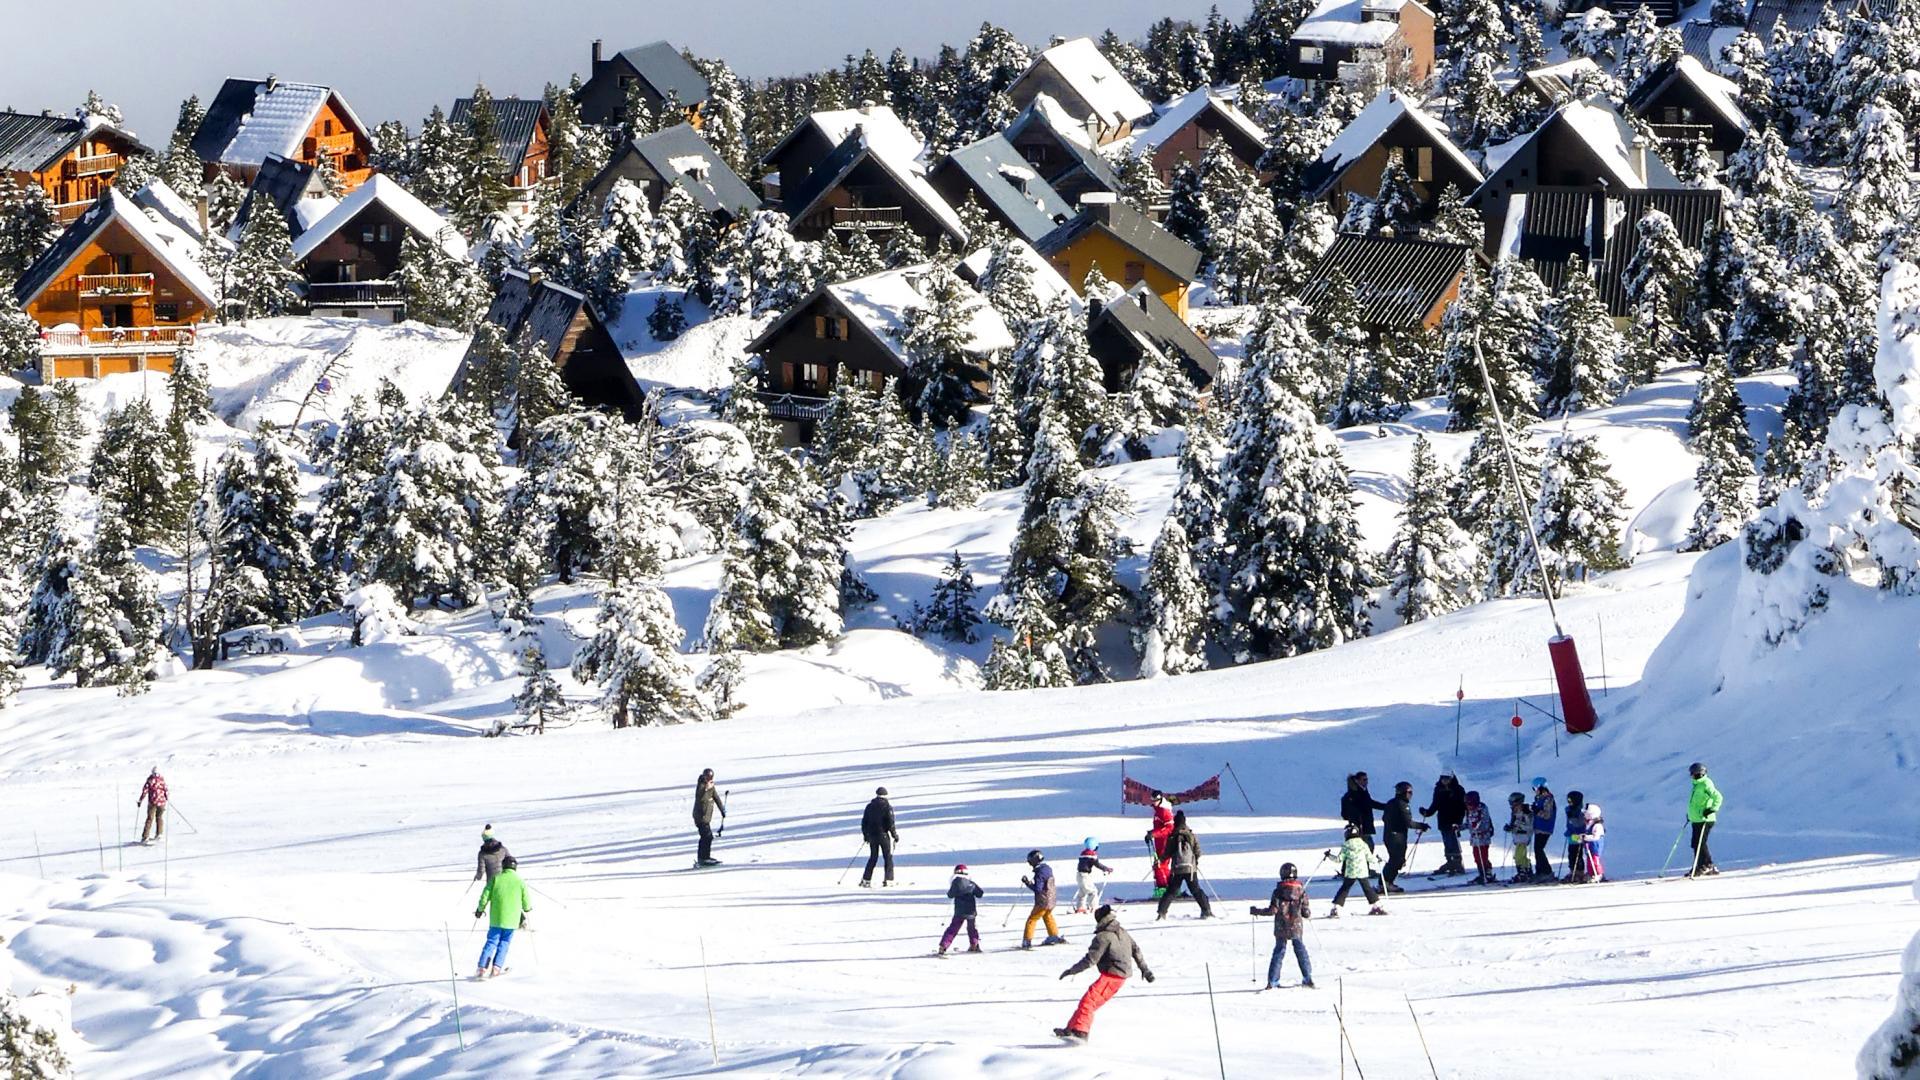 Village de chalets et skieurs à La Pierre Saint-Martin